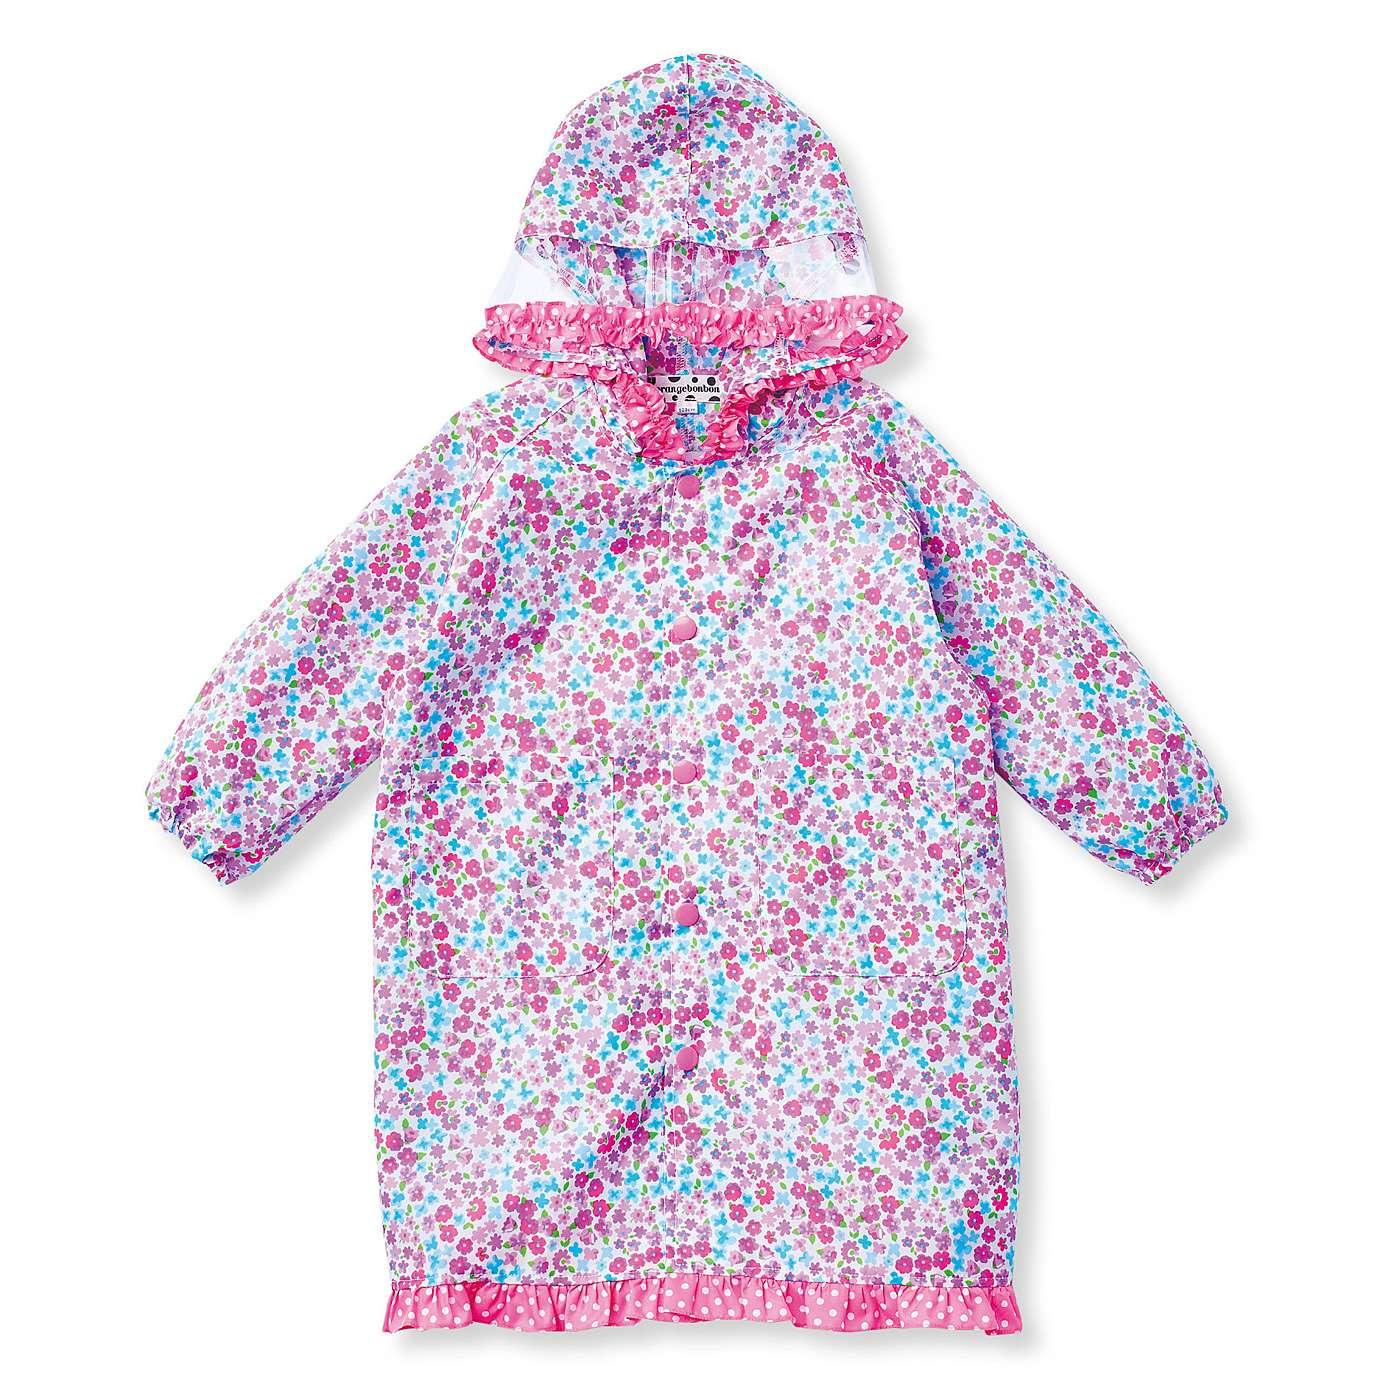 自分で開け閉めしやすいスナップボタン。袖口はゴム入りで、雨が入ってくるのを防止。少し大きめサイズも、袖を折らずに着られます。